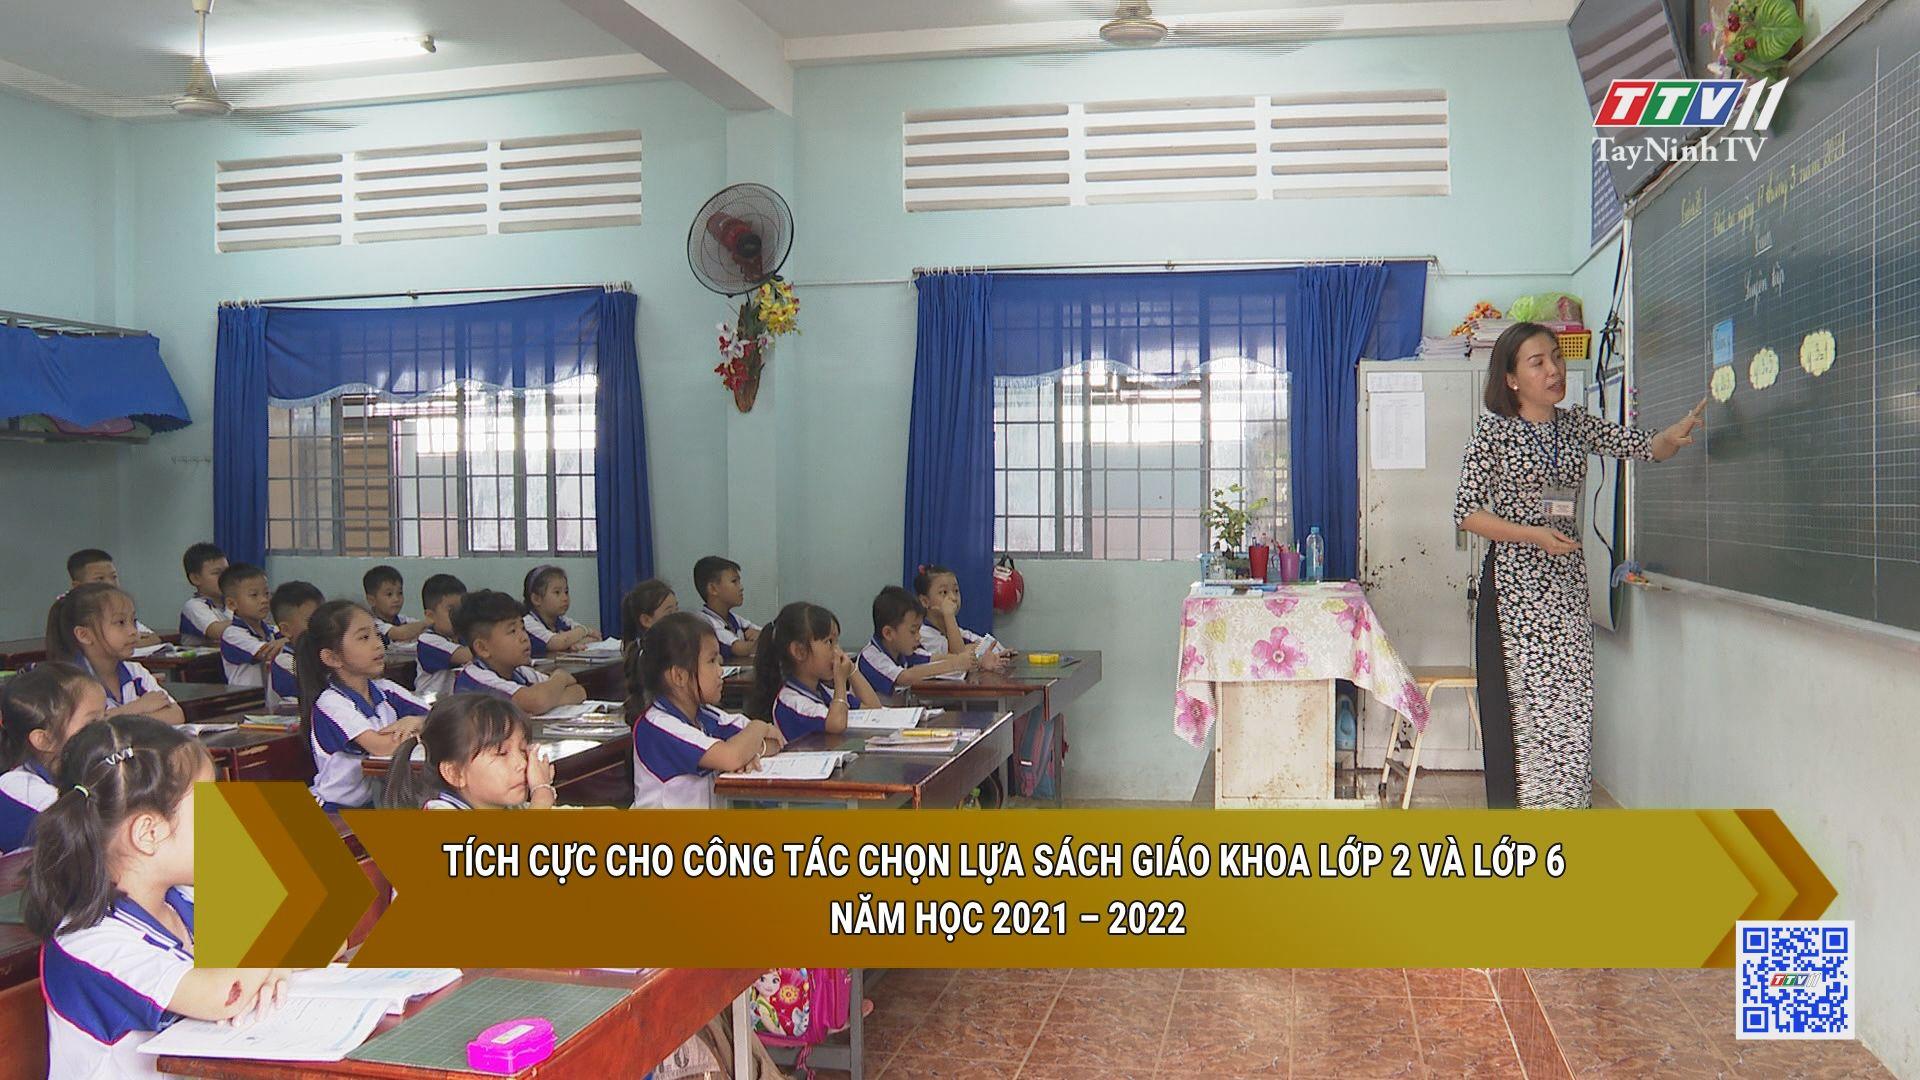 Tích cực cho công tác chọn lựa sách giáo khoa lớp 2 và lớp 6 năm học 2021-2022 | GIÁO DỤC VÀ ĐÀO TẠO | TayNinhTV